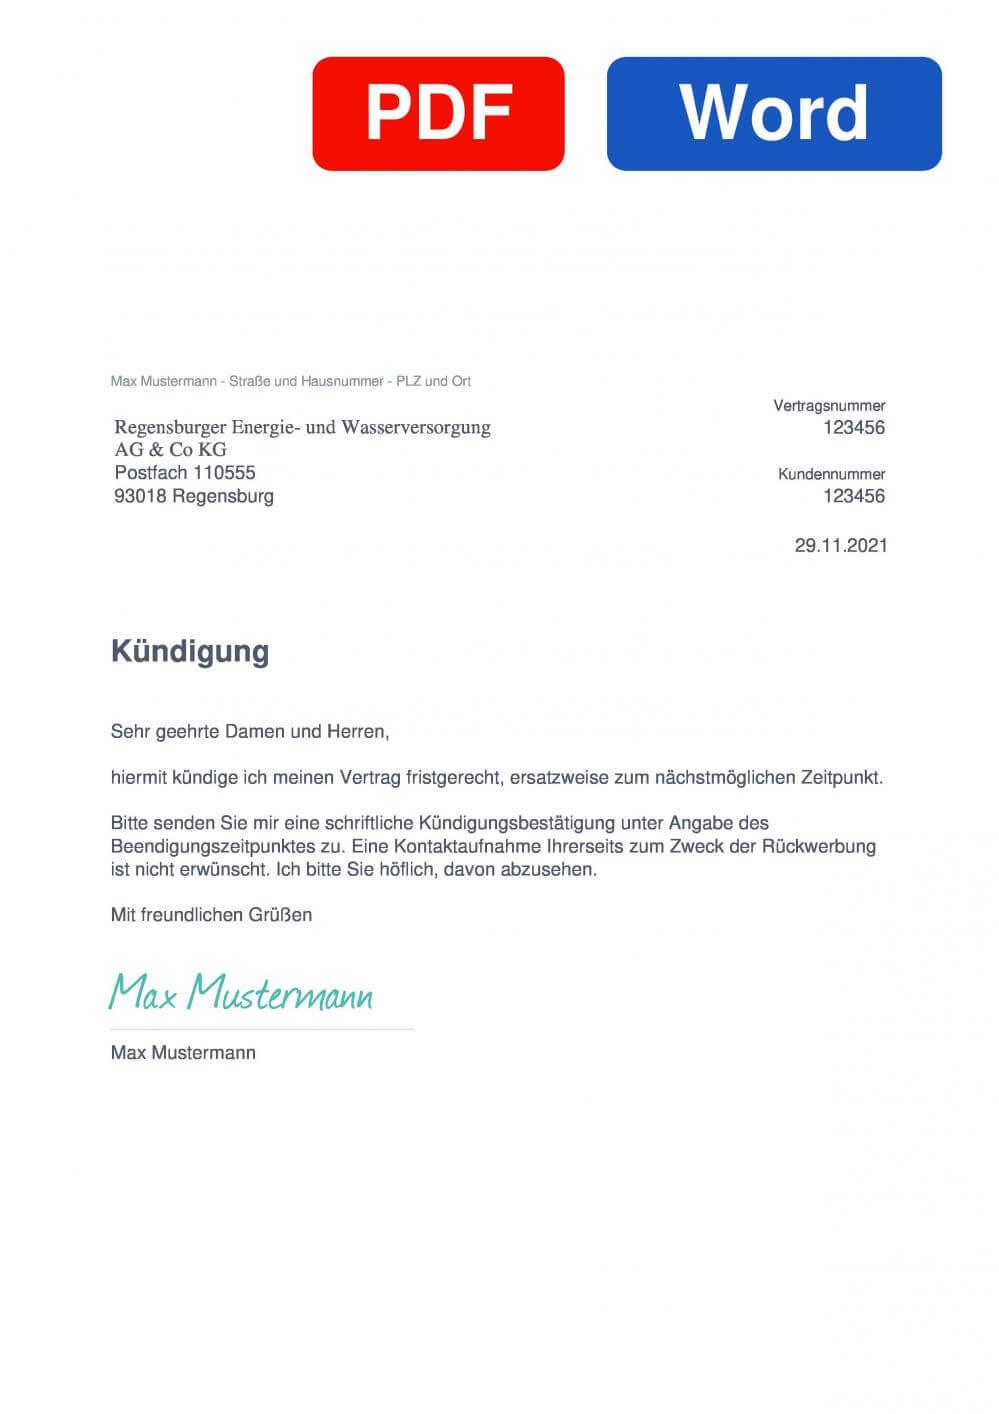 REWAG Muster Vorlage für Kündigungsschreiben